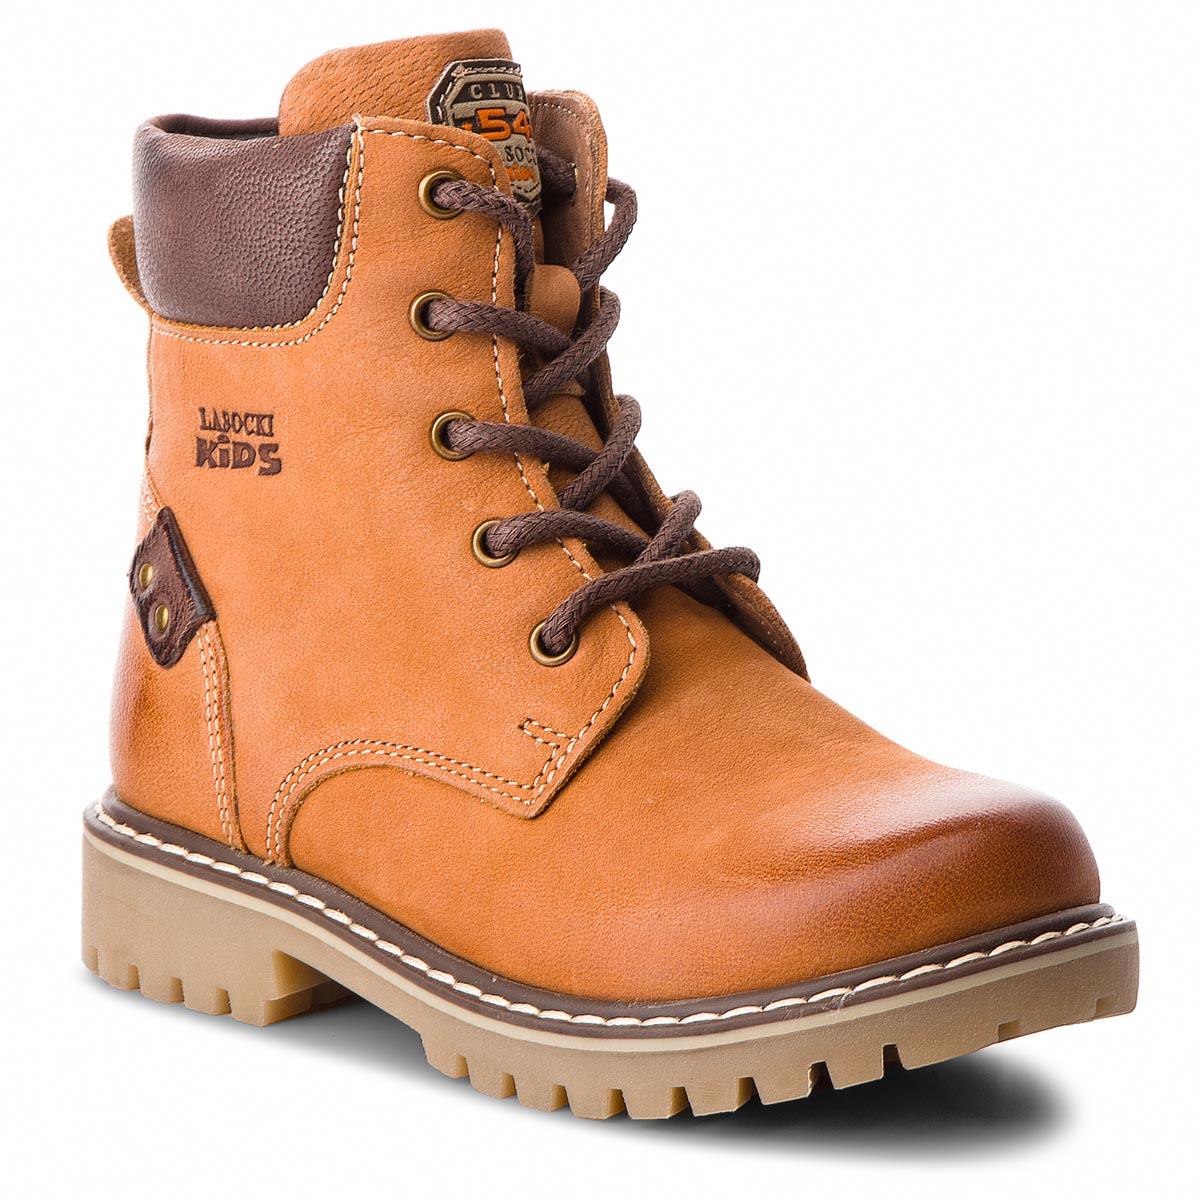 Outdoorová obuv LASOCKI KIDS - CI12-ASPEN-16A Beżowy Ciemny